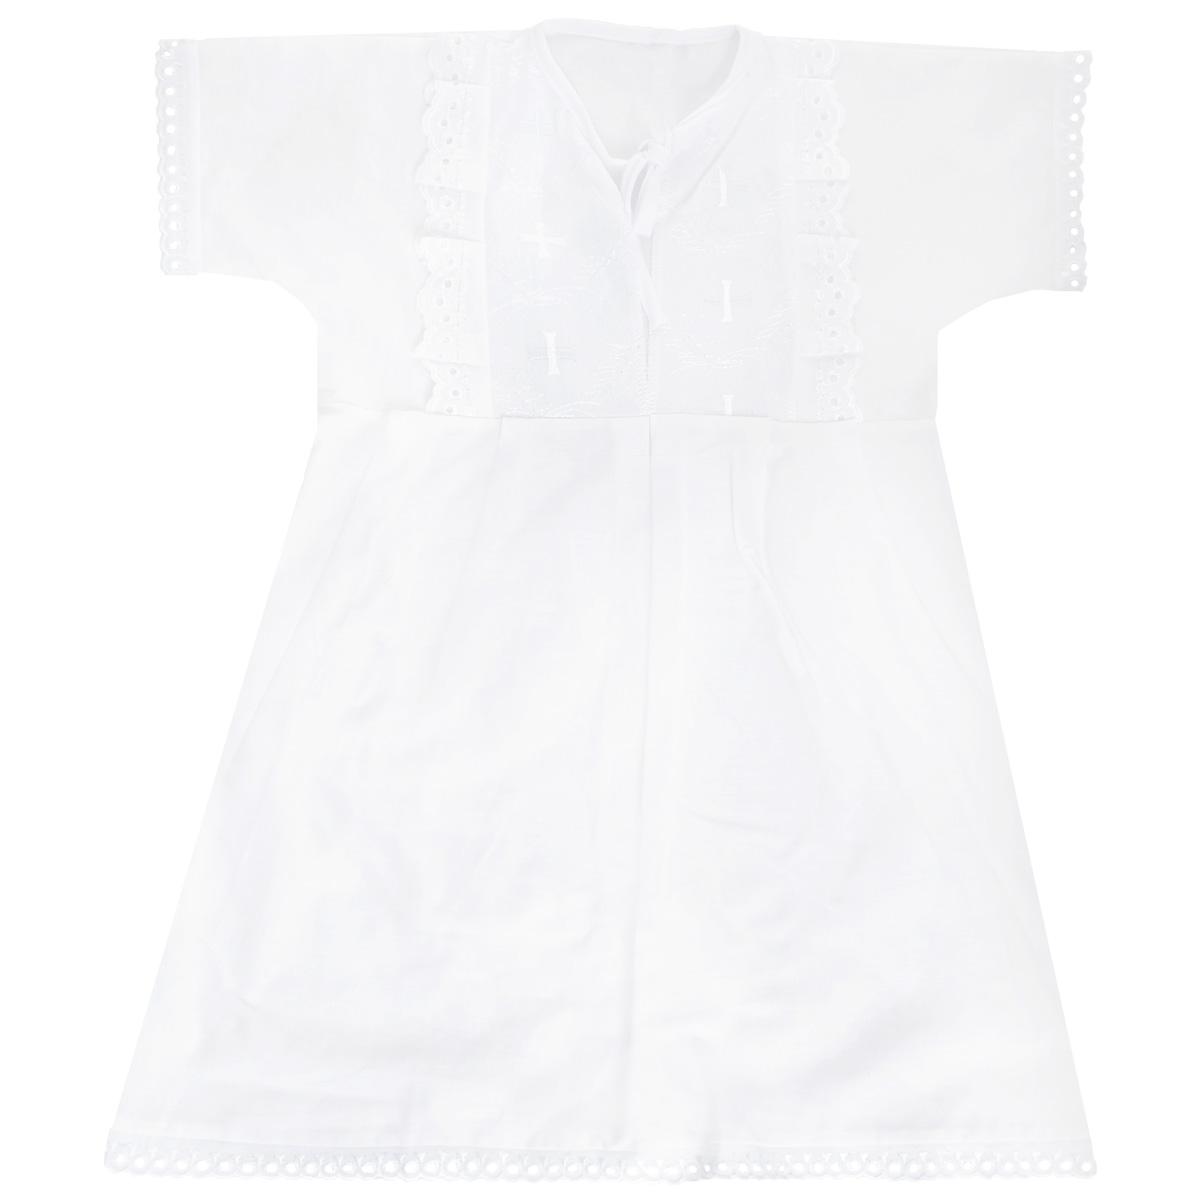 Фото Крестильная рубашка для девочки Трон-плюс, цвет: белый. 1148. Размер 68, 6 месяцев. Купить  в РФ